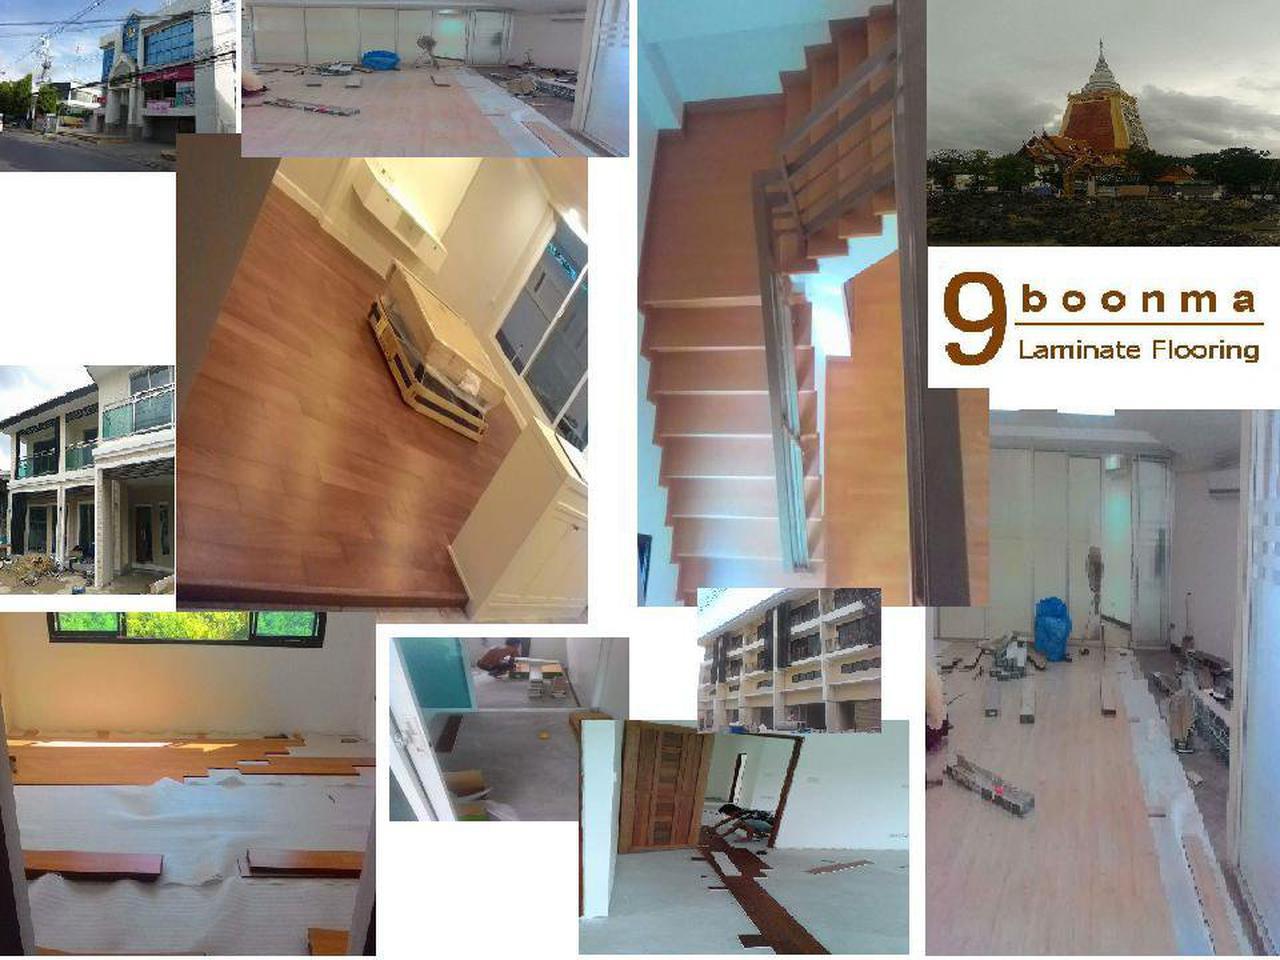 ร้าน 9 บุญมา จำหน่าย และรับติดตั้งปูพื้นไม้ลามิเนต บริการวัดหน้างาน ฟรี 089-257-8236 ช่างต๊ะ รูปที่ 4